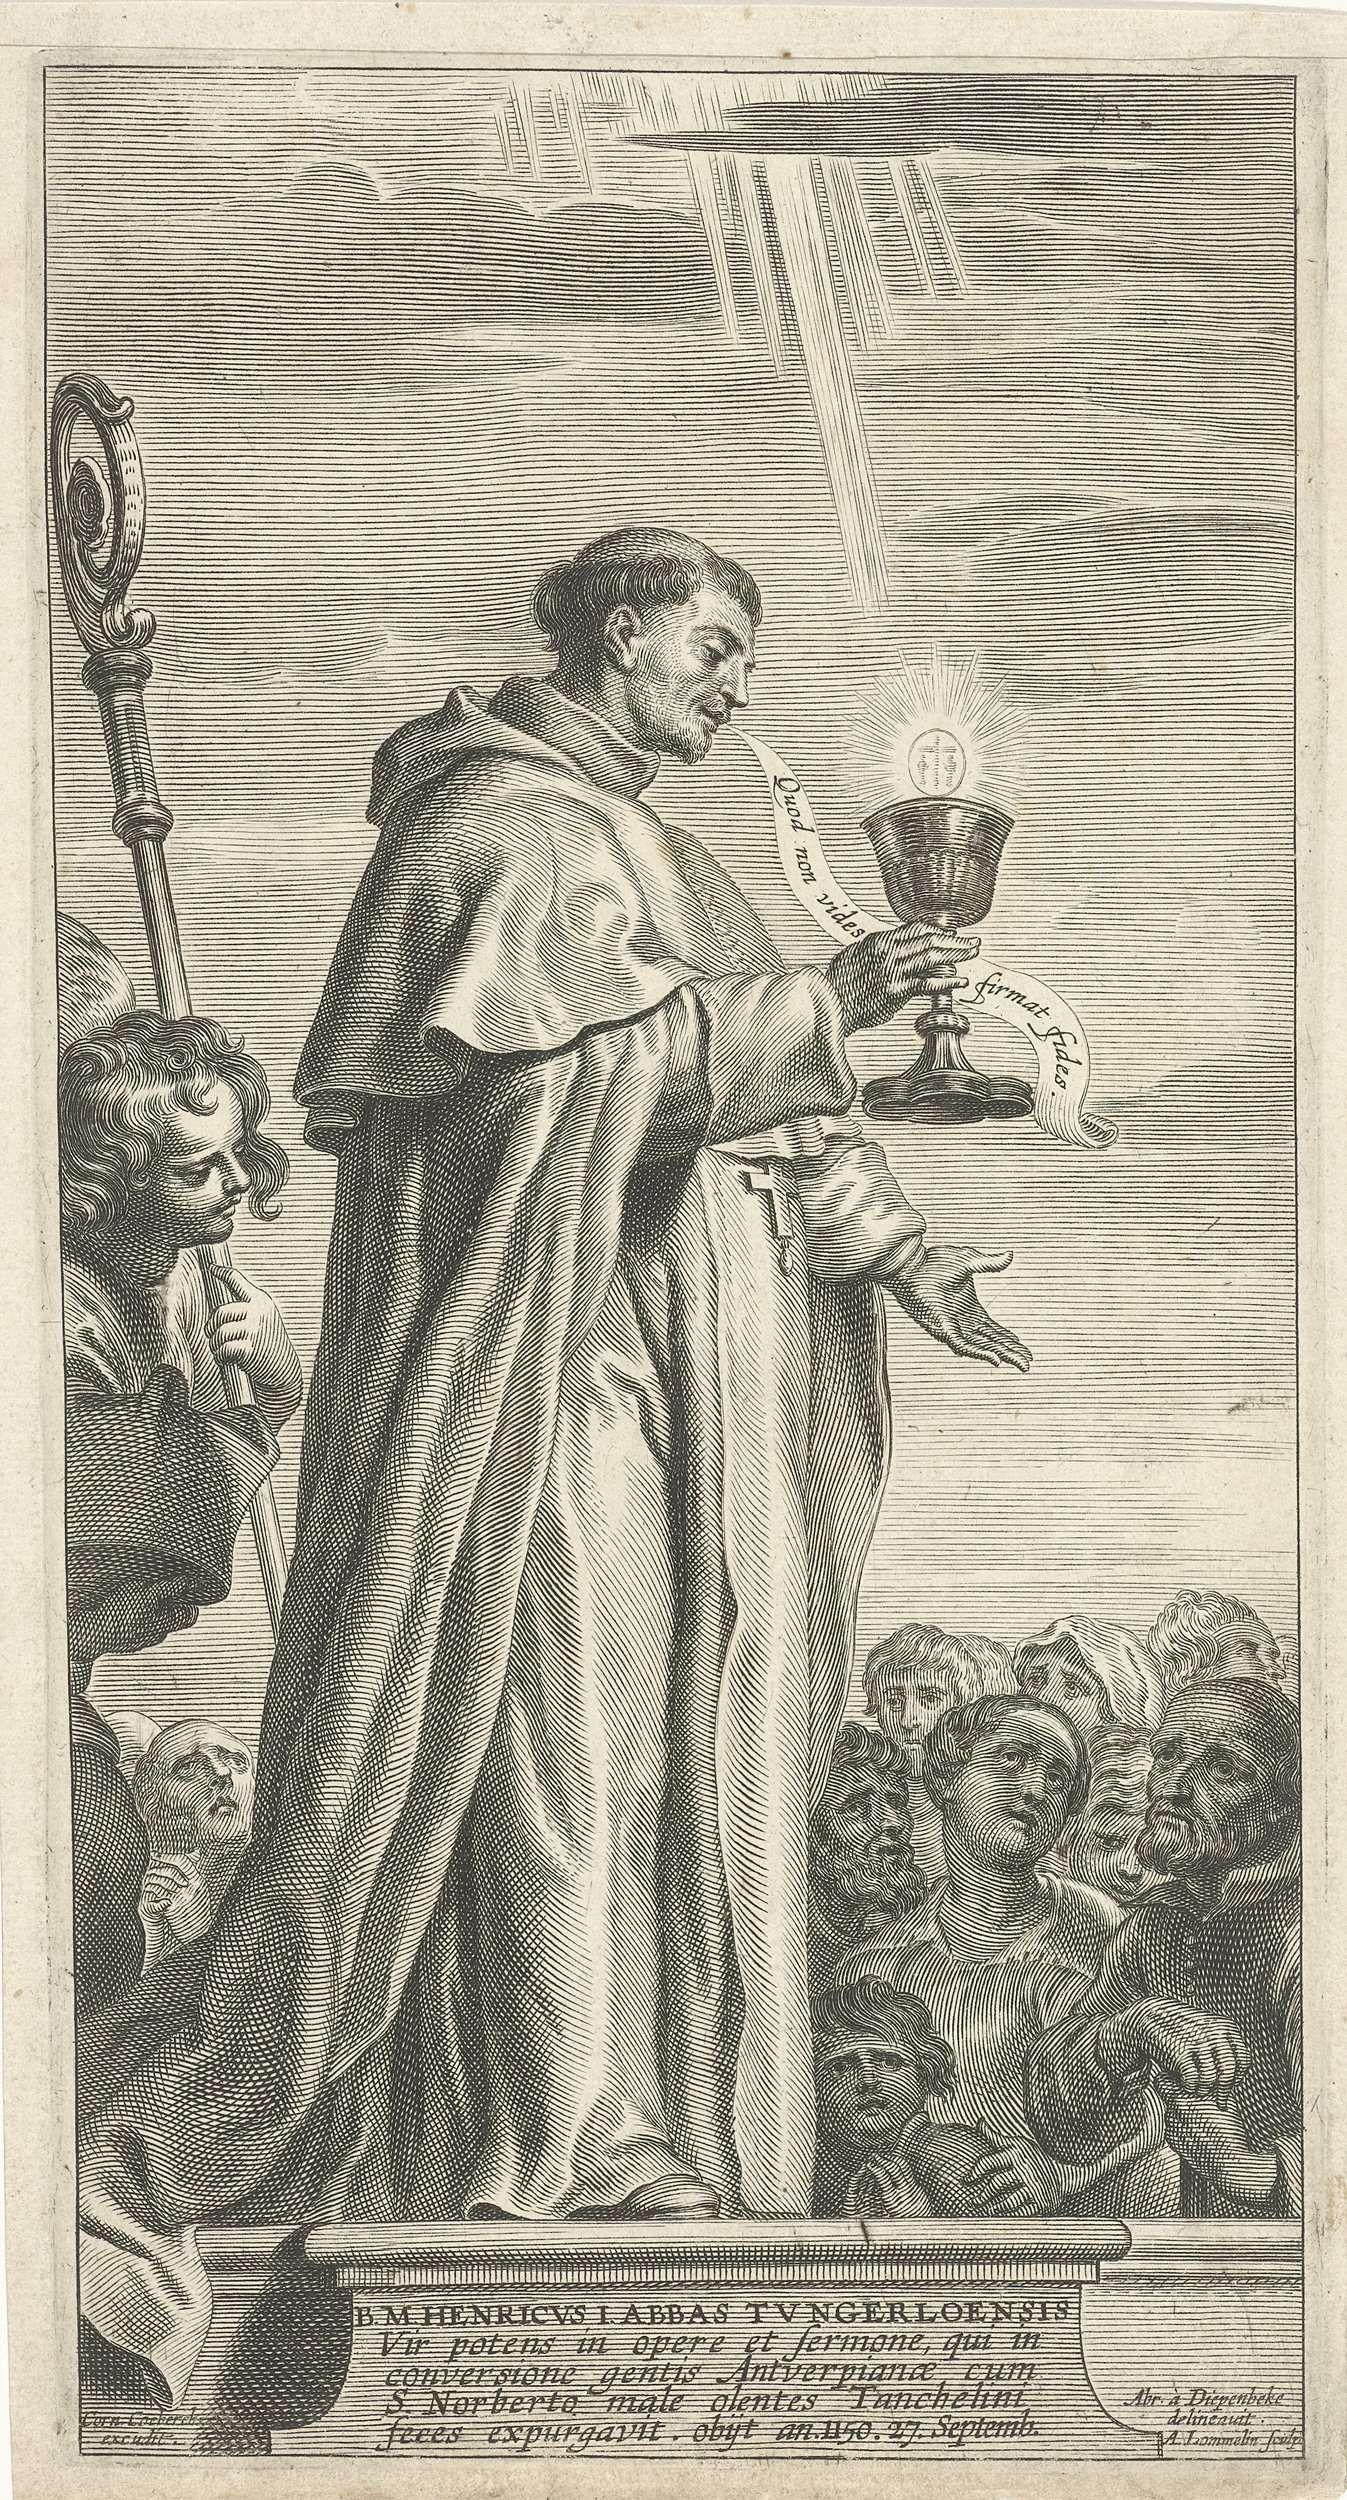 Adriaen Lommelin | Hendrik I, abt van Tongerlo, Adriaen Lommelin, Cornelis Coeberchs, 1630 - 1677 | Hendrik I, abt van Tongerlo, staat met een miskelk in zijn handen op een sokkel en spreekt een menigte mensen toe.